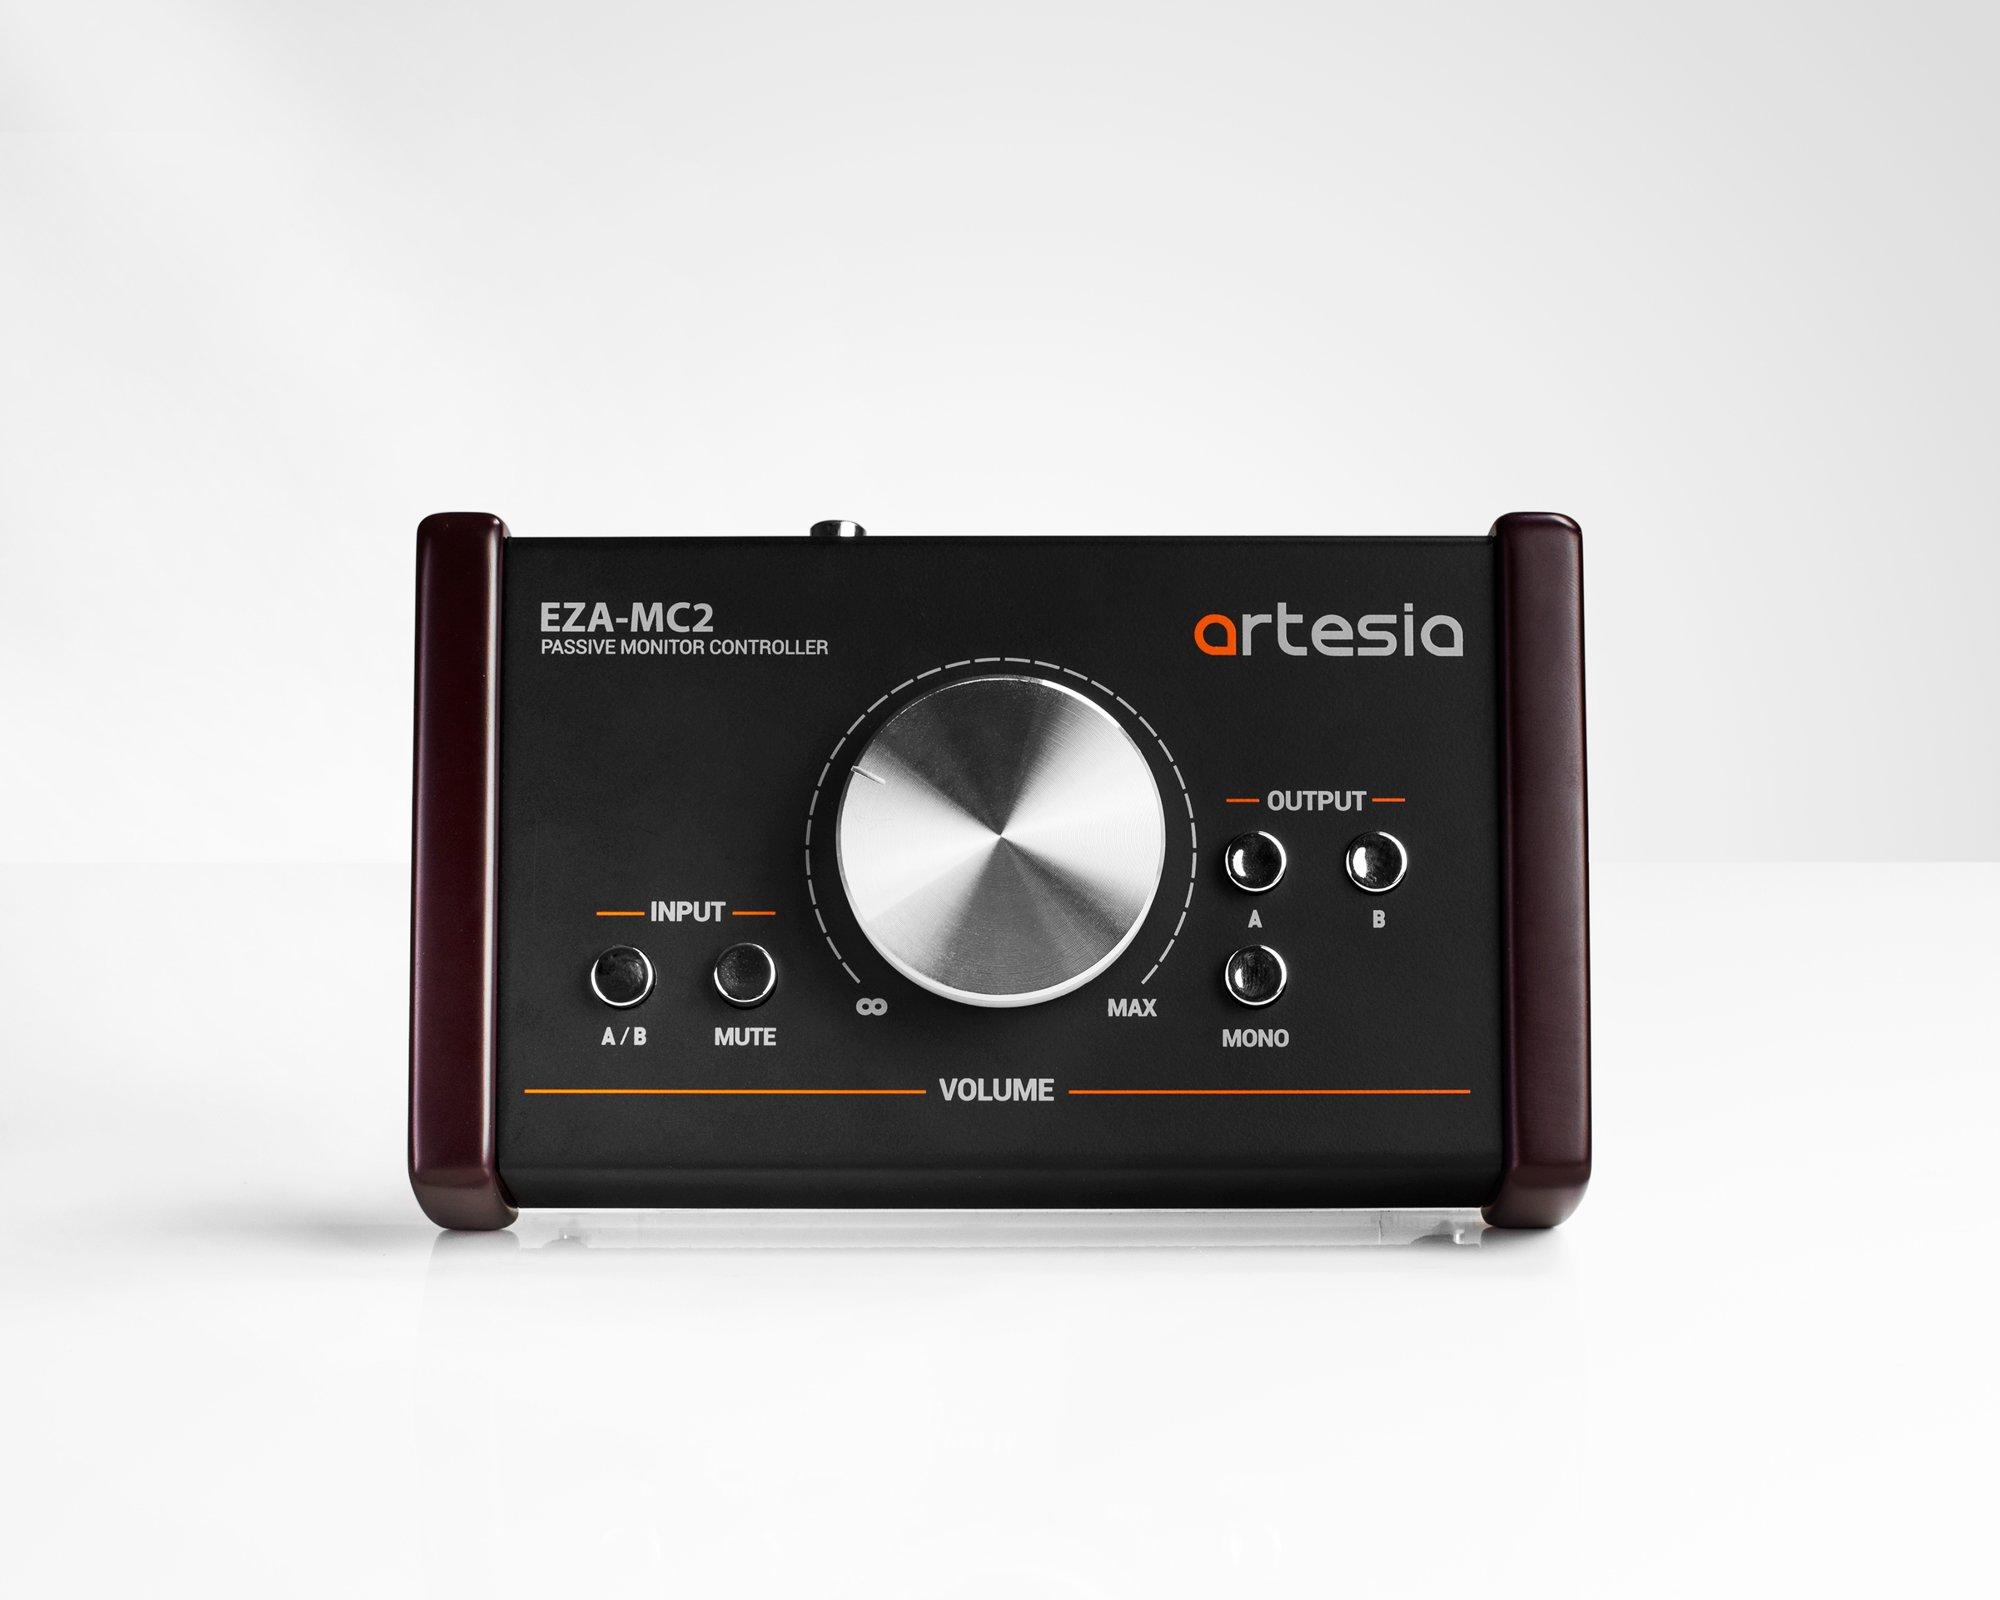 ARTESIA EZA-MC2 PASSIVE MONITOR CONTROLLER